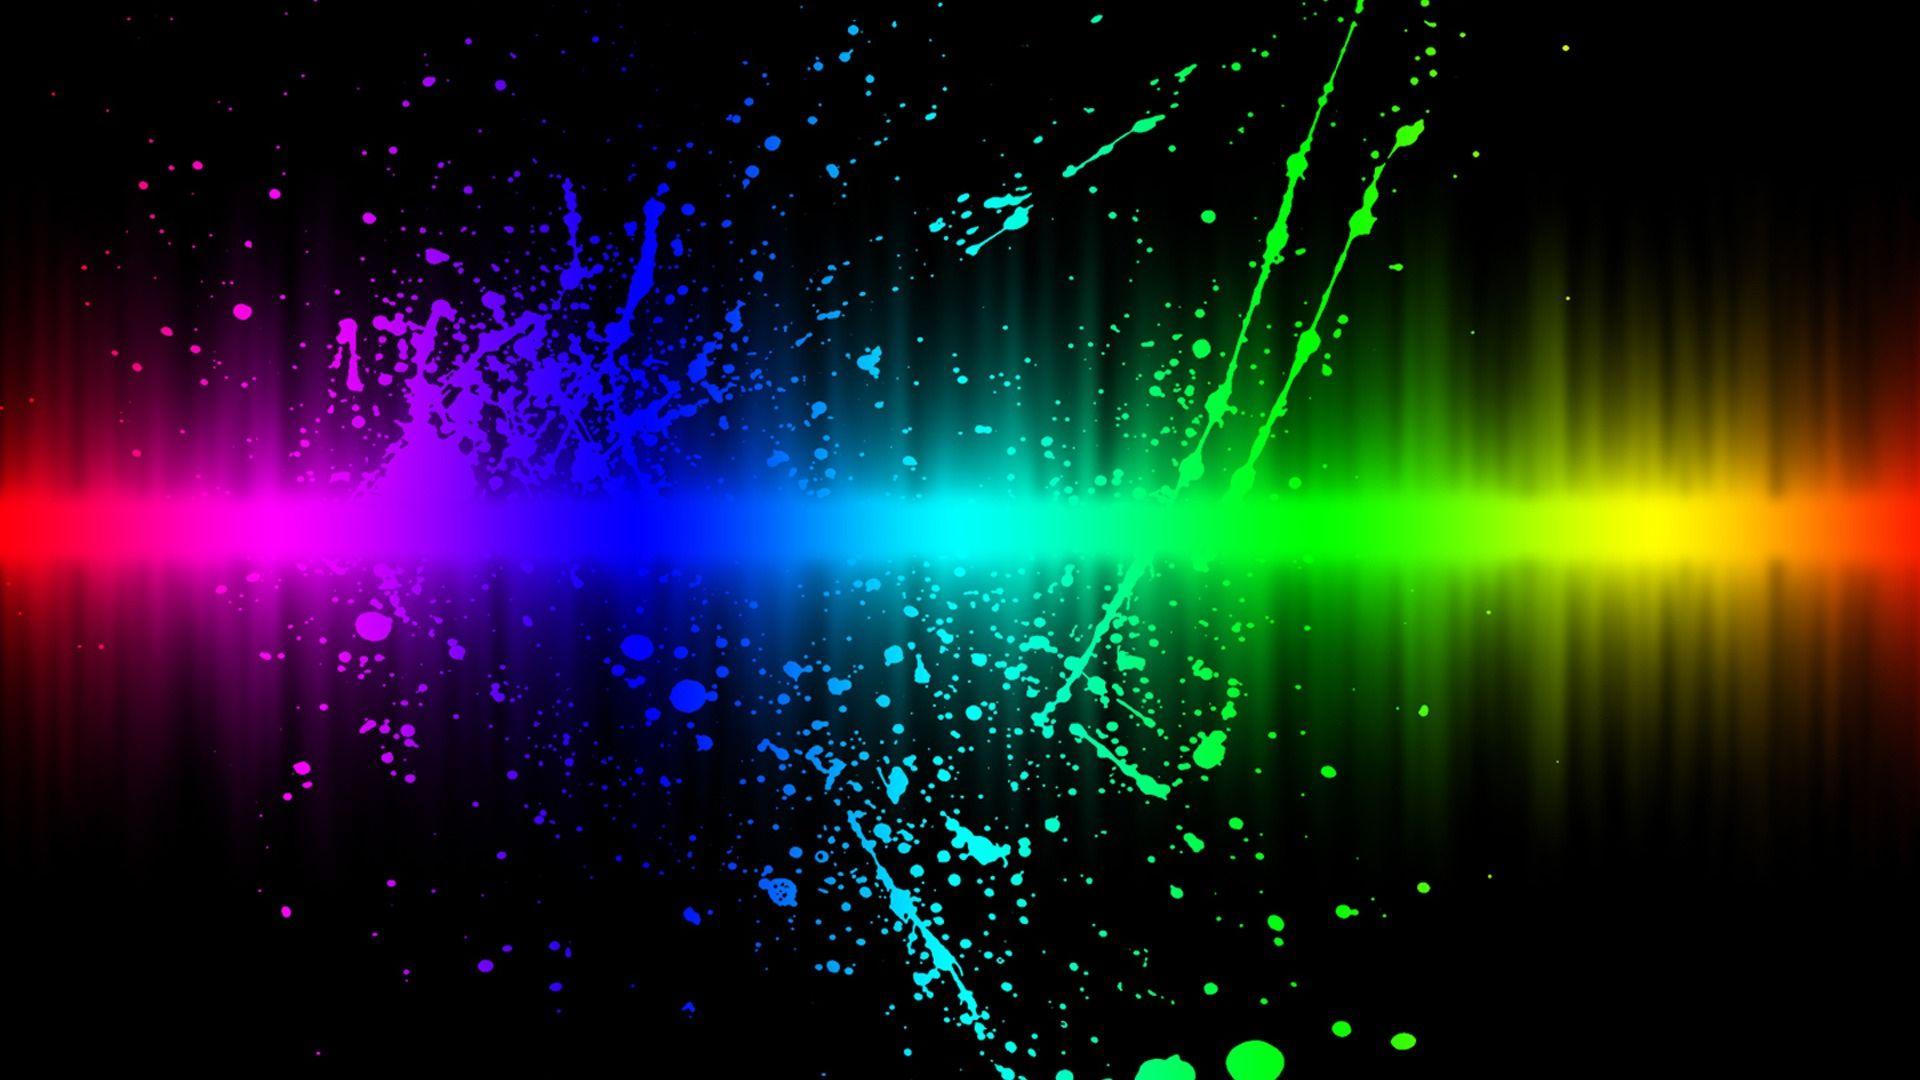 Neon Music Wallpaper Phone Monodomo Rainbow Wallpaper Cool Backgrounds Cool Desktop Backgrounds